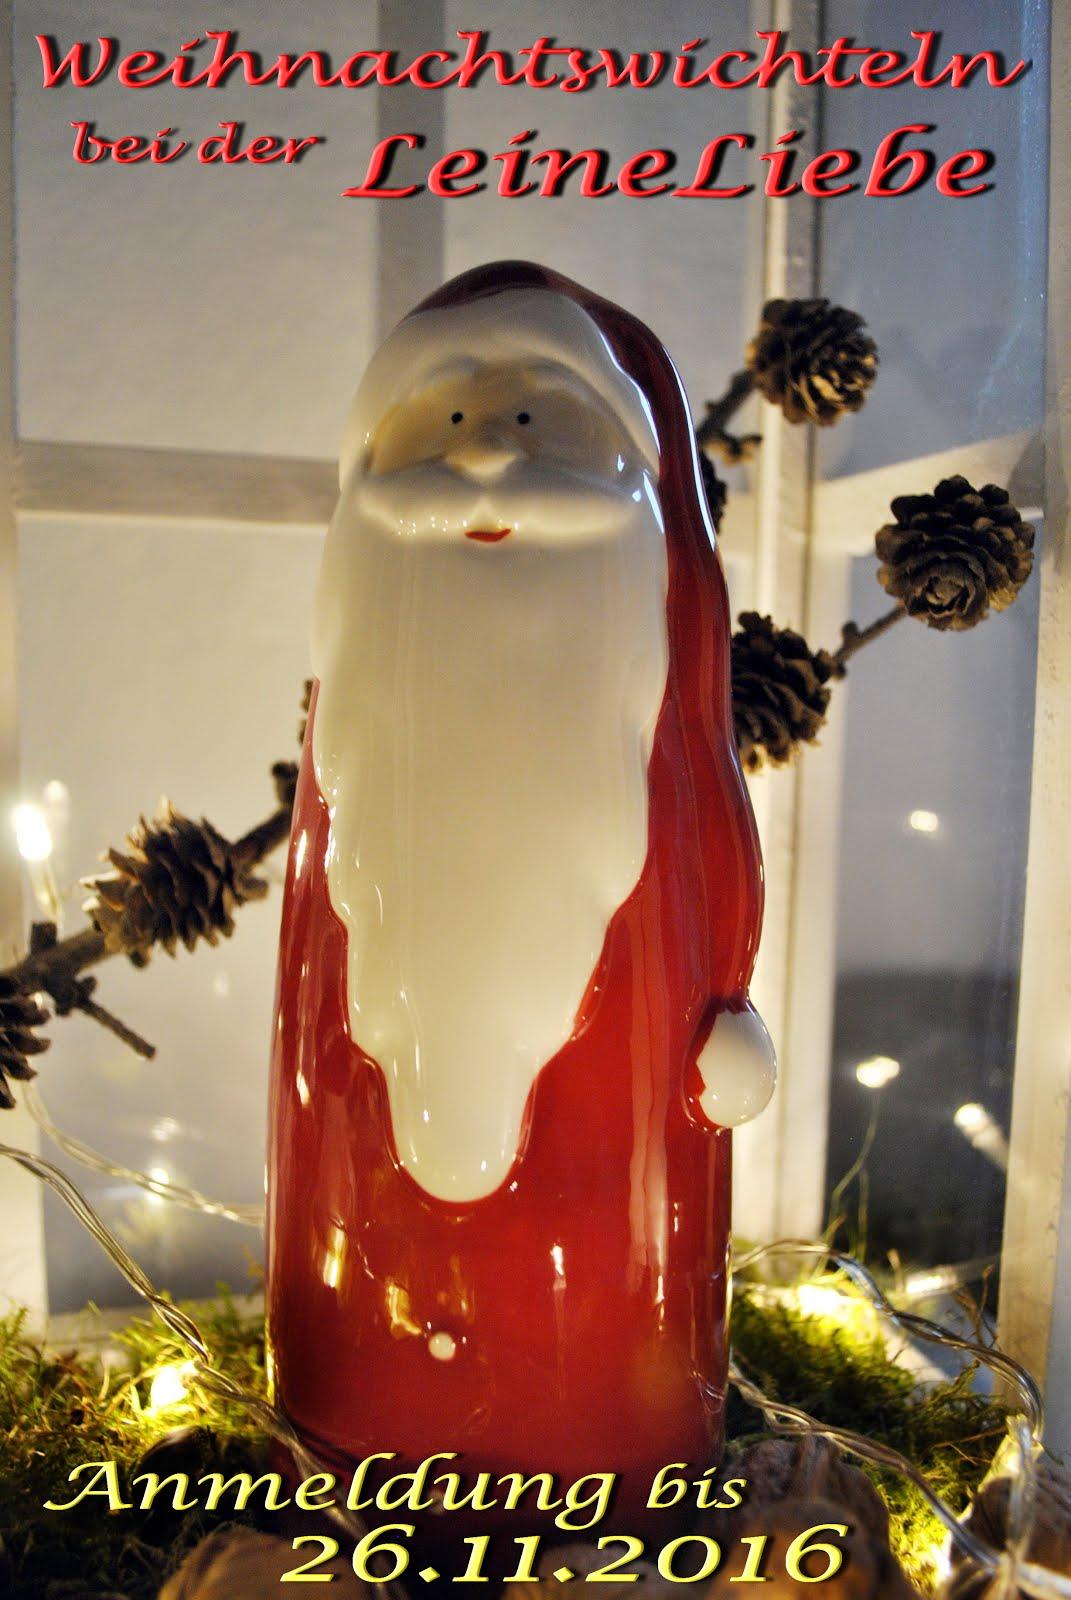 Weihnachtswichteln